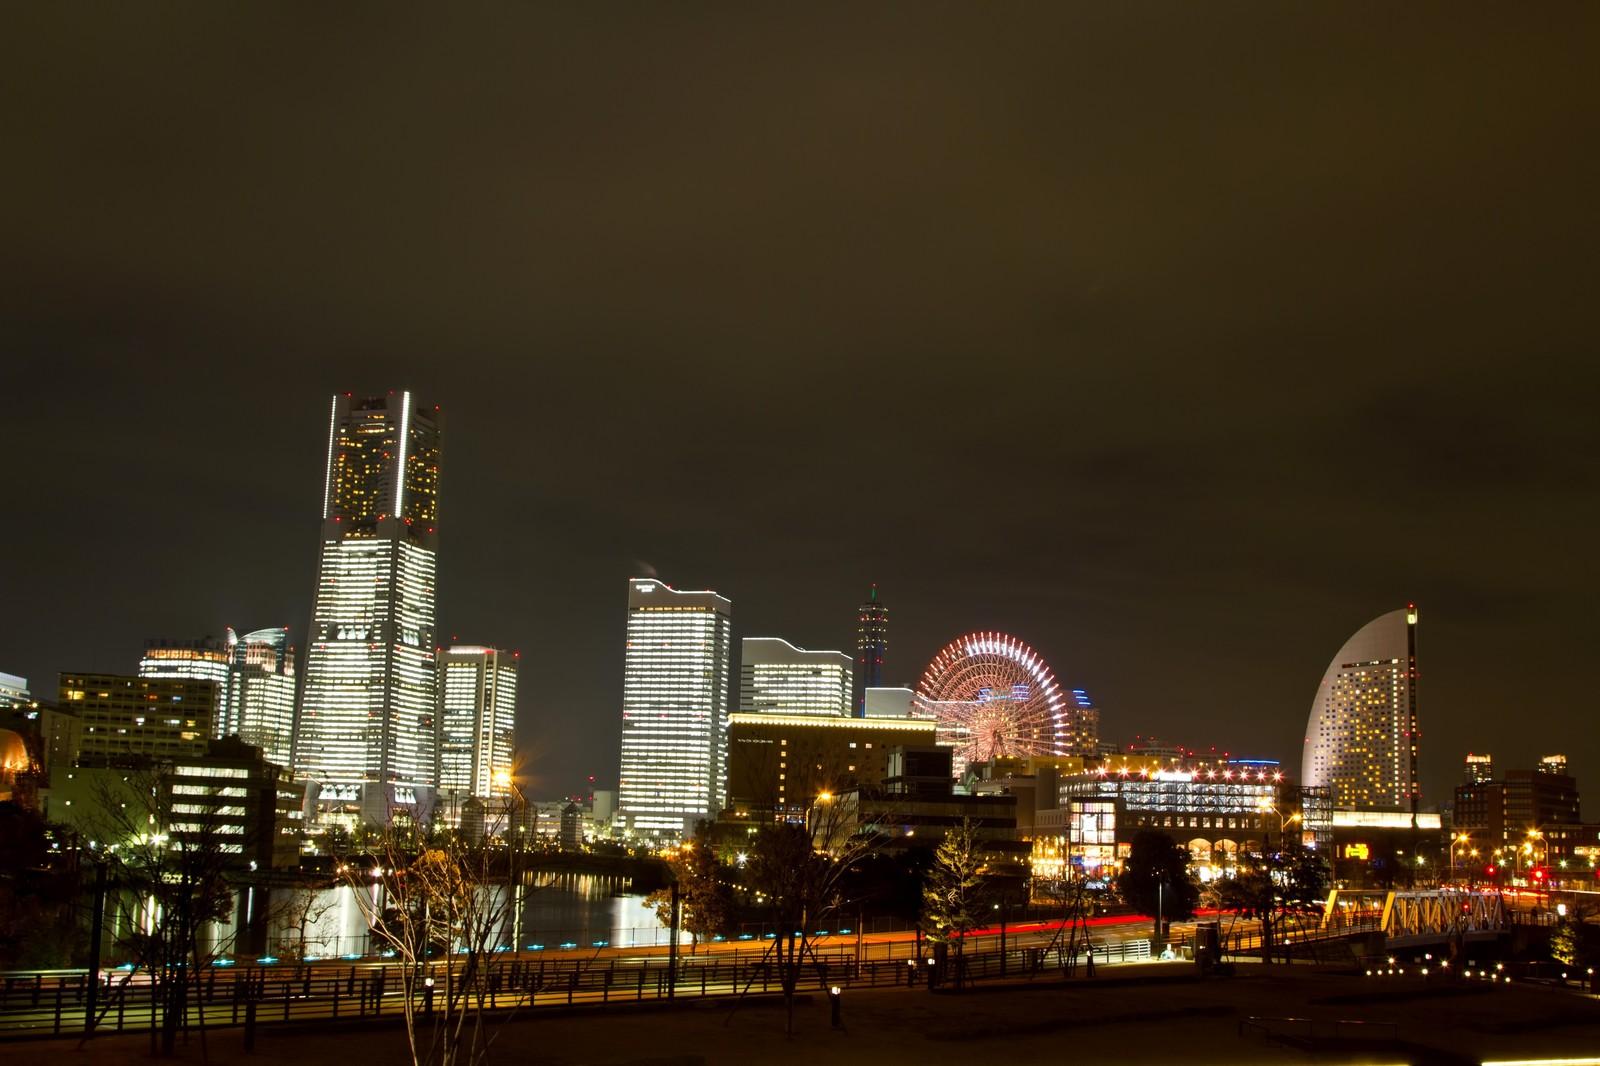 神奈川の繁華街でタクシー乗務員を目指そう